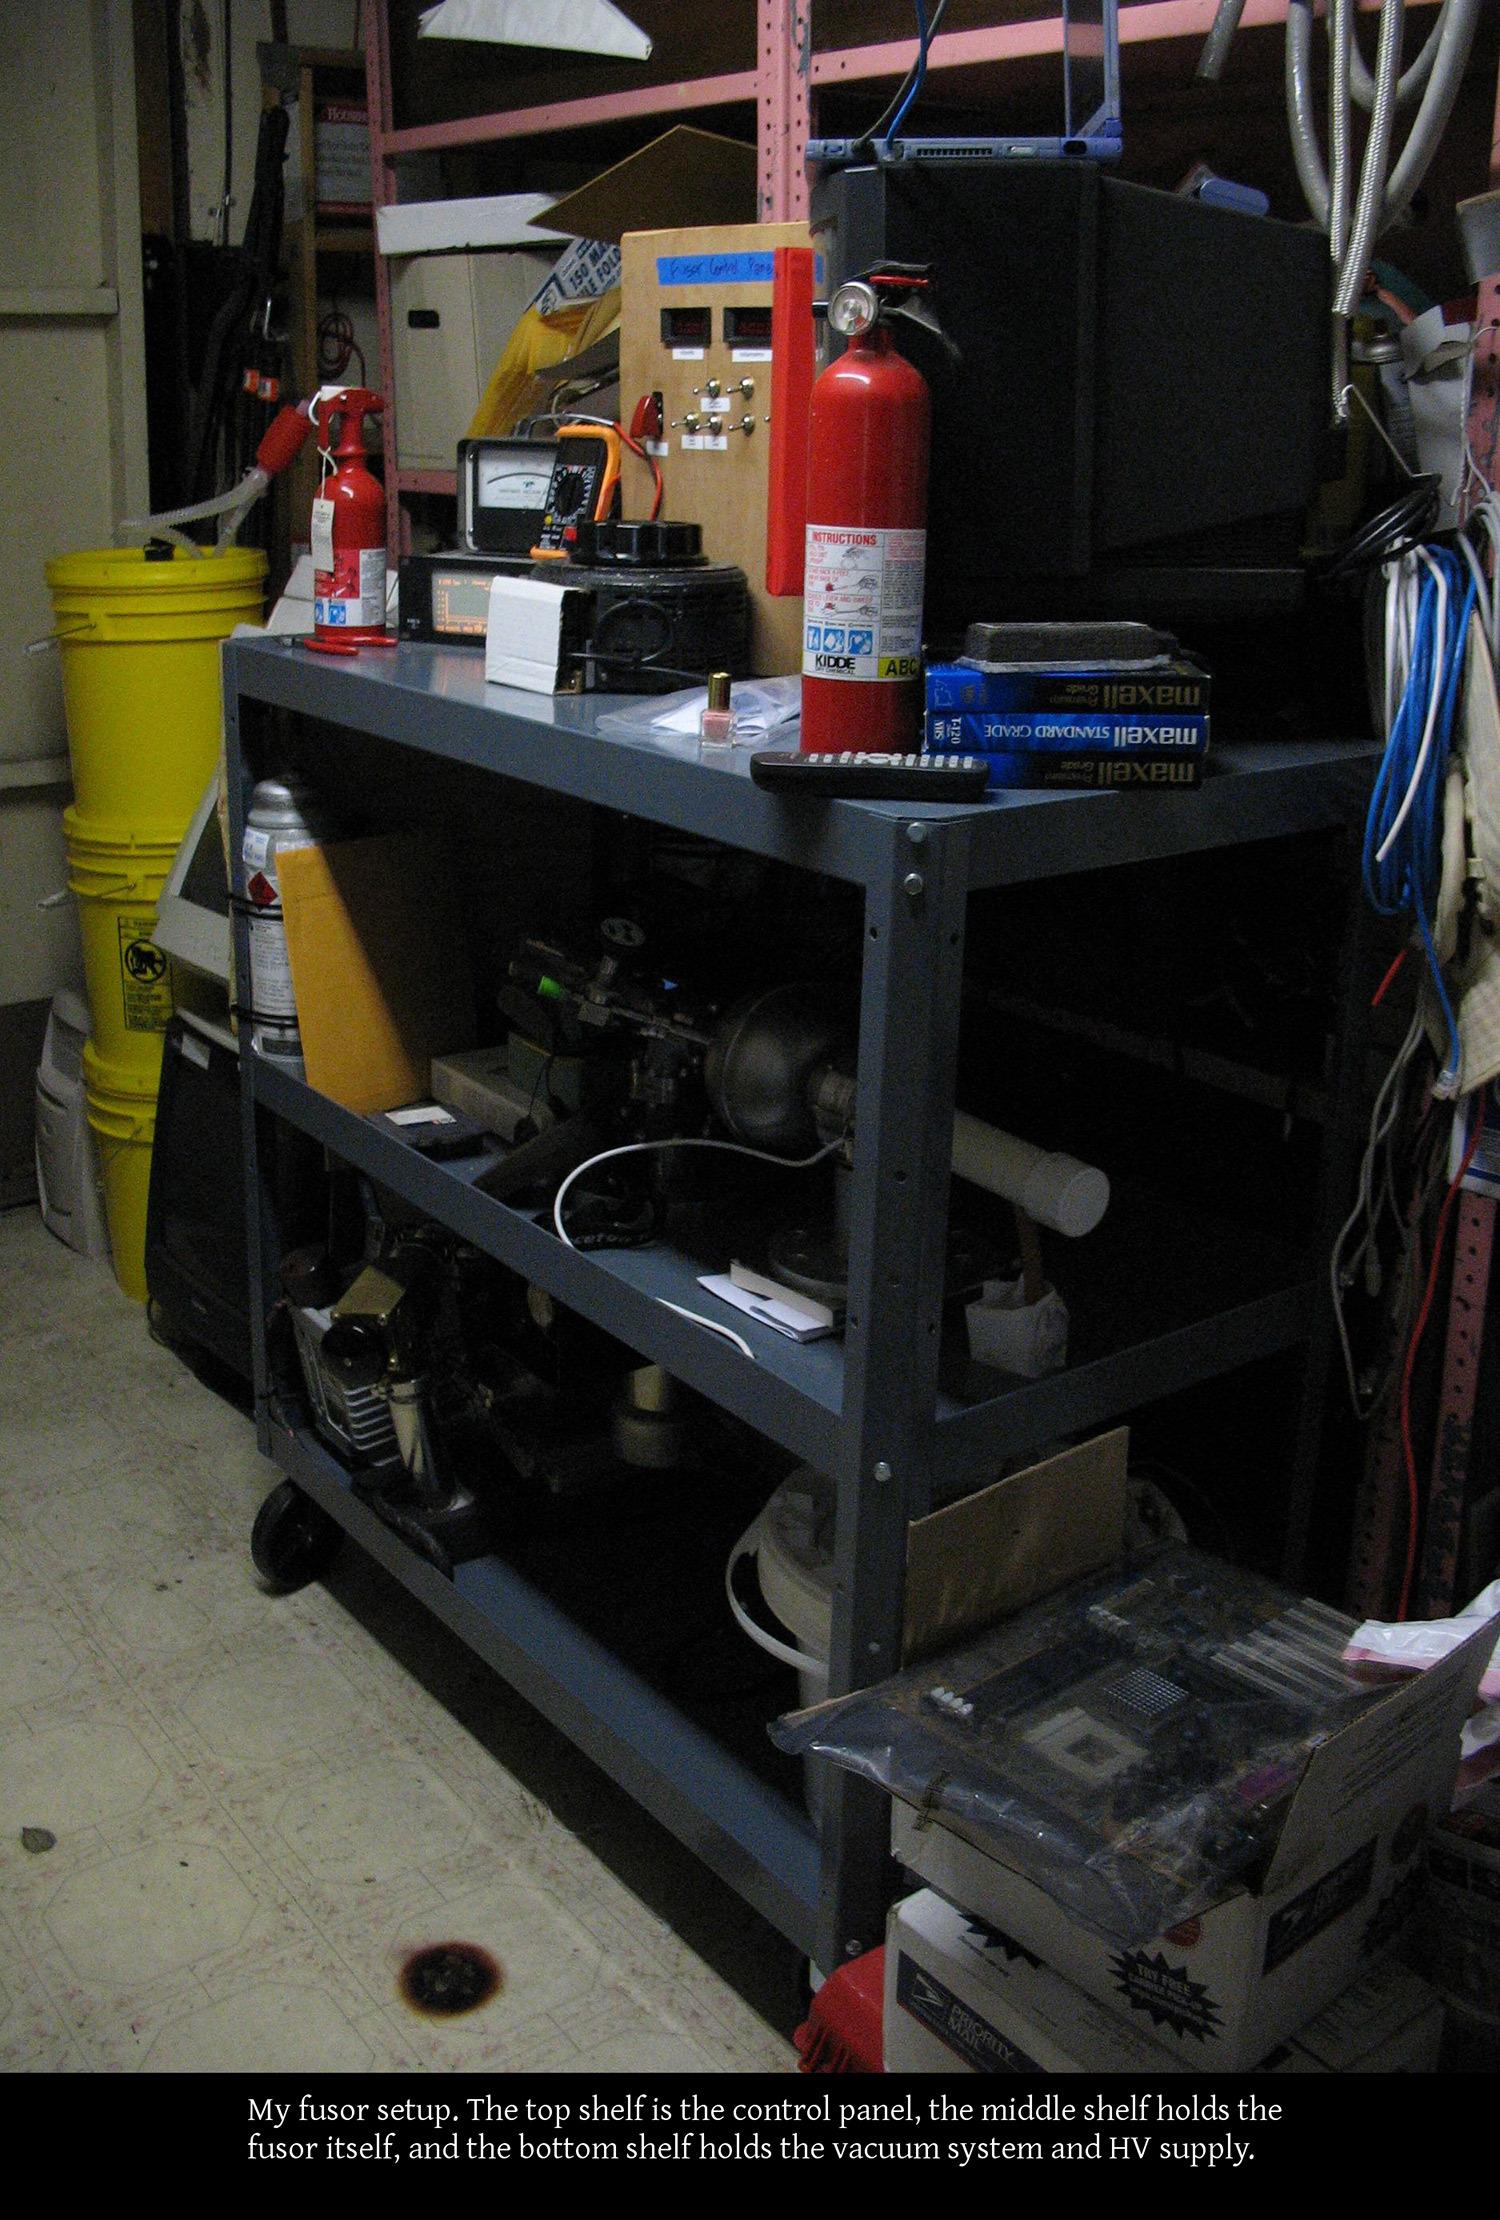 Старшеклассники собрали термоядерный реактор в гараже и ставят эксперименты - 3